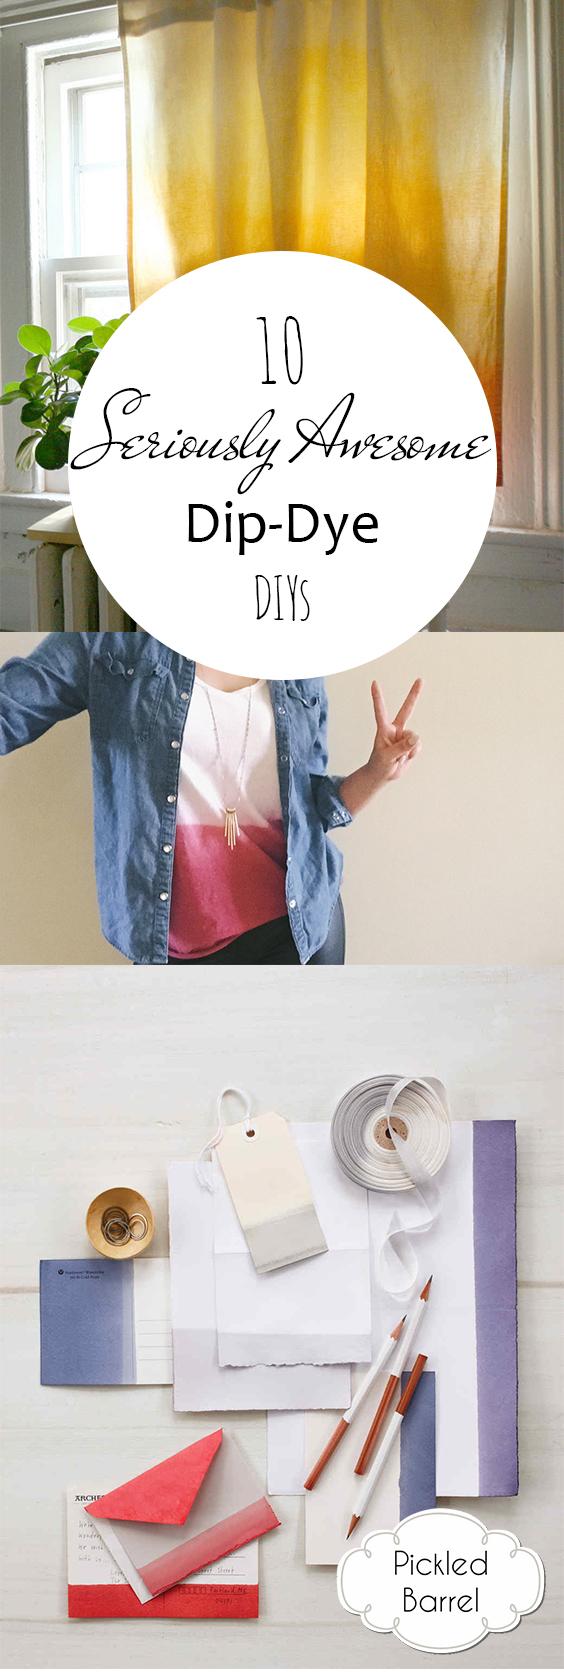 10 Seriously Awesome Dip-Dye DIYs| Dip Dye DIYs, Dip Dye DIY Projects, Dip Dye DIY Projects, Awesome Craft Projects, Easy Craft Projects, DIY Craft Projects, Simple Craft Projects.